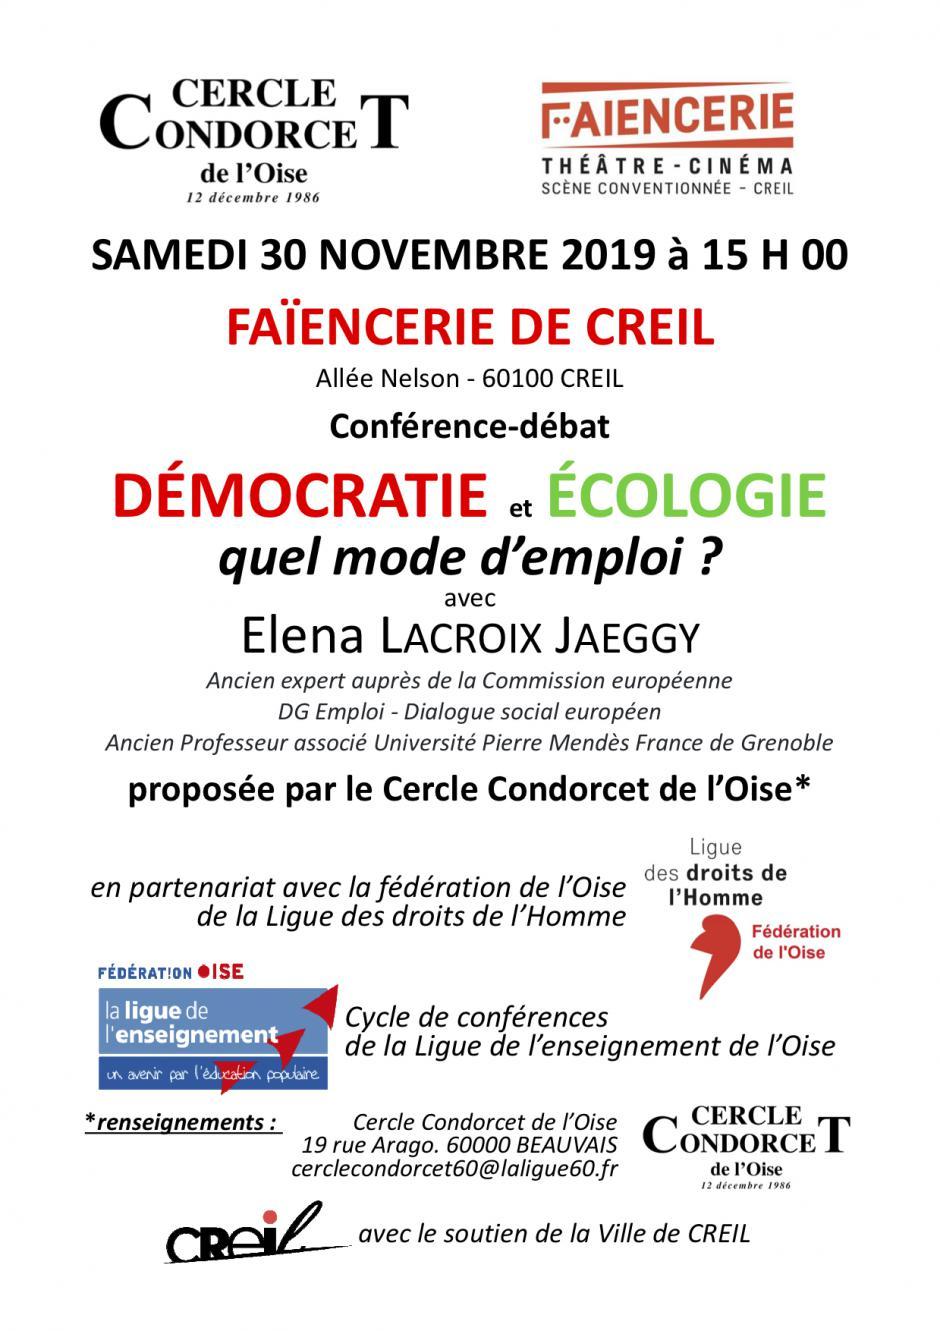 30 novembre, Creil - Cercle Condorcet- Conférence-débat « Démocratie et écologie, quel mode d'emploi ? », avec Elena Lacroix Jaeggy